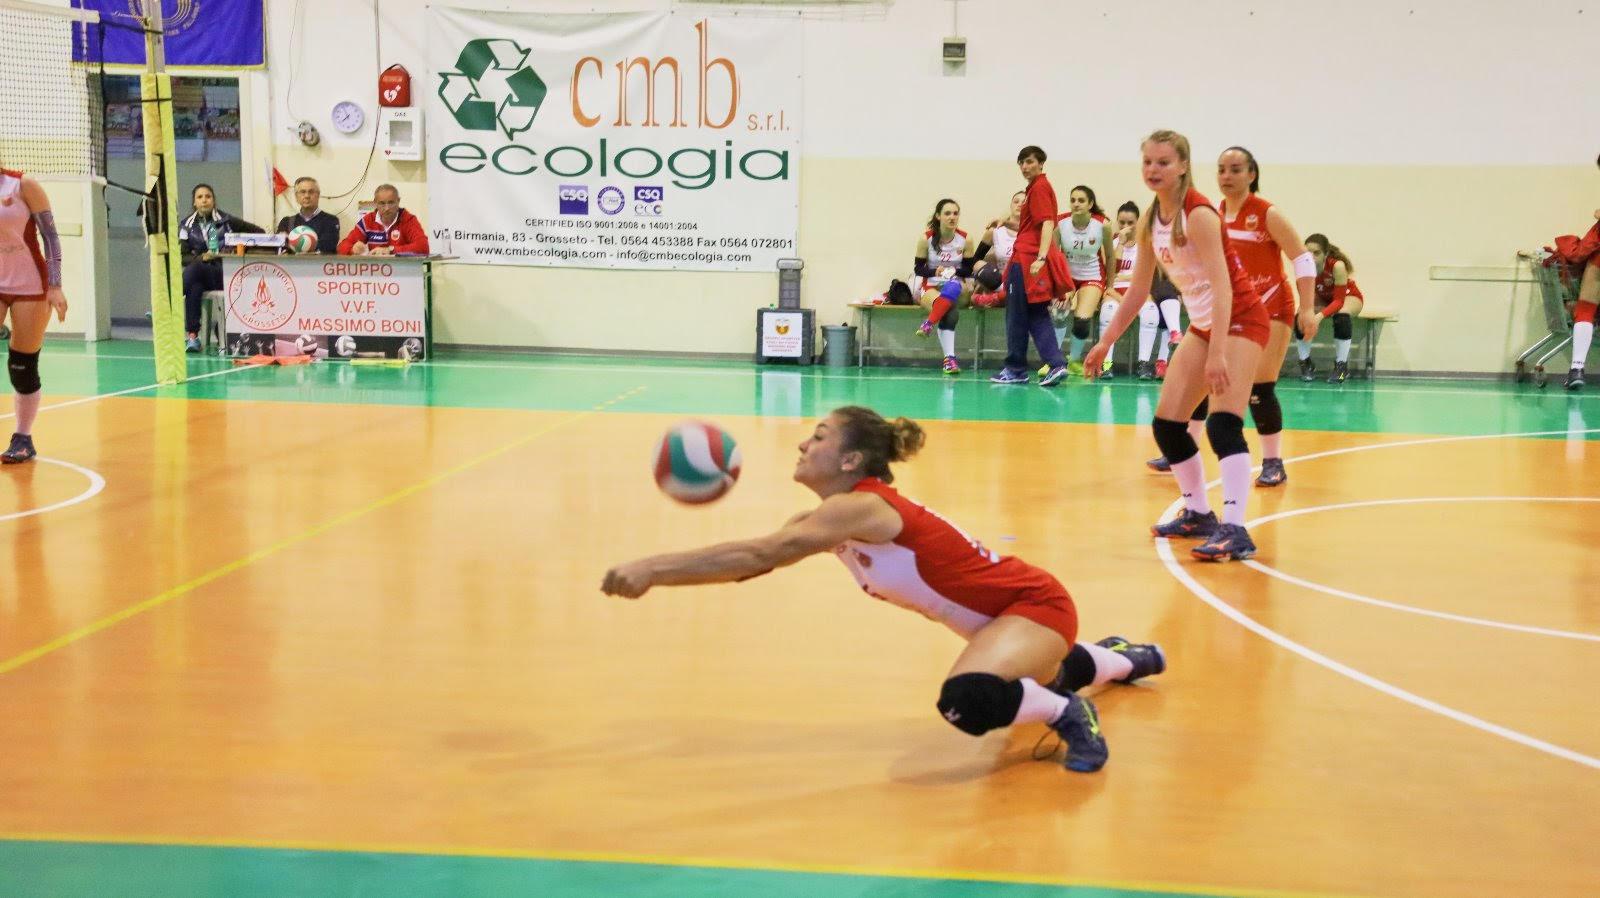 vigili-del-fuoco-volley-giocatrice-matilde-chiella-in-tuffo-sul-pallone